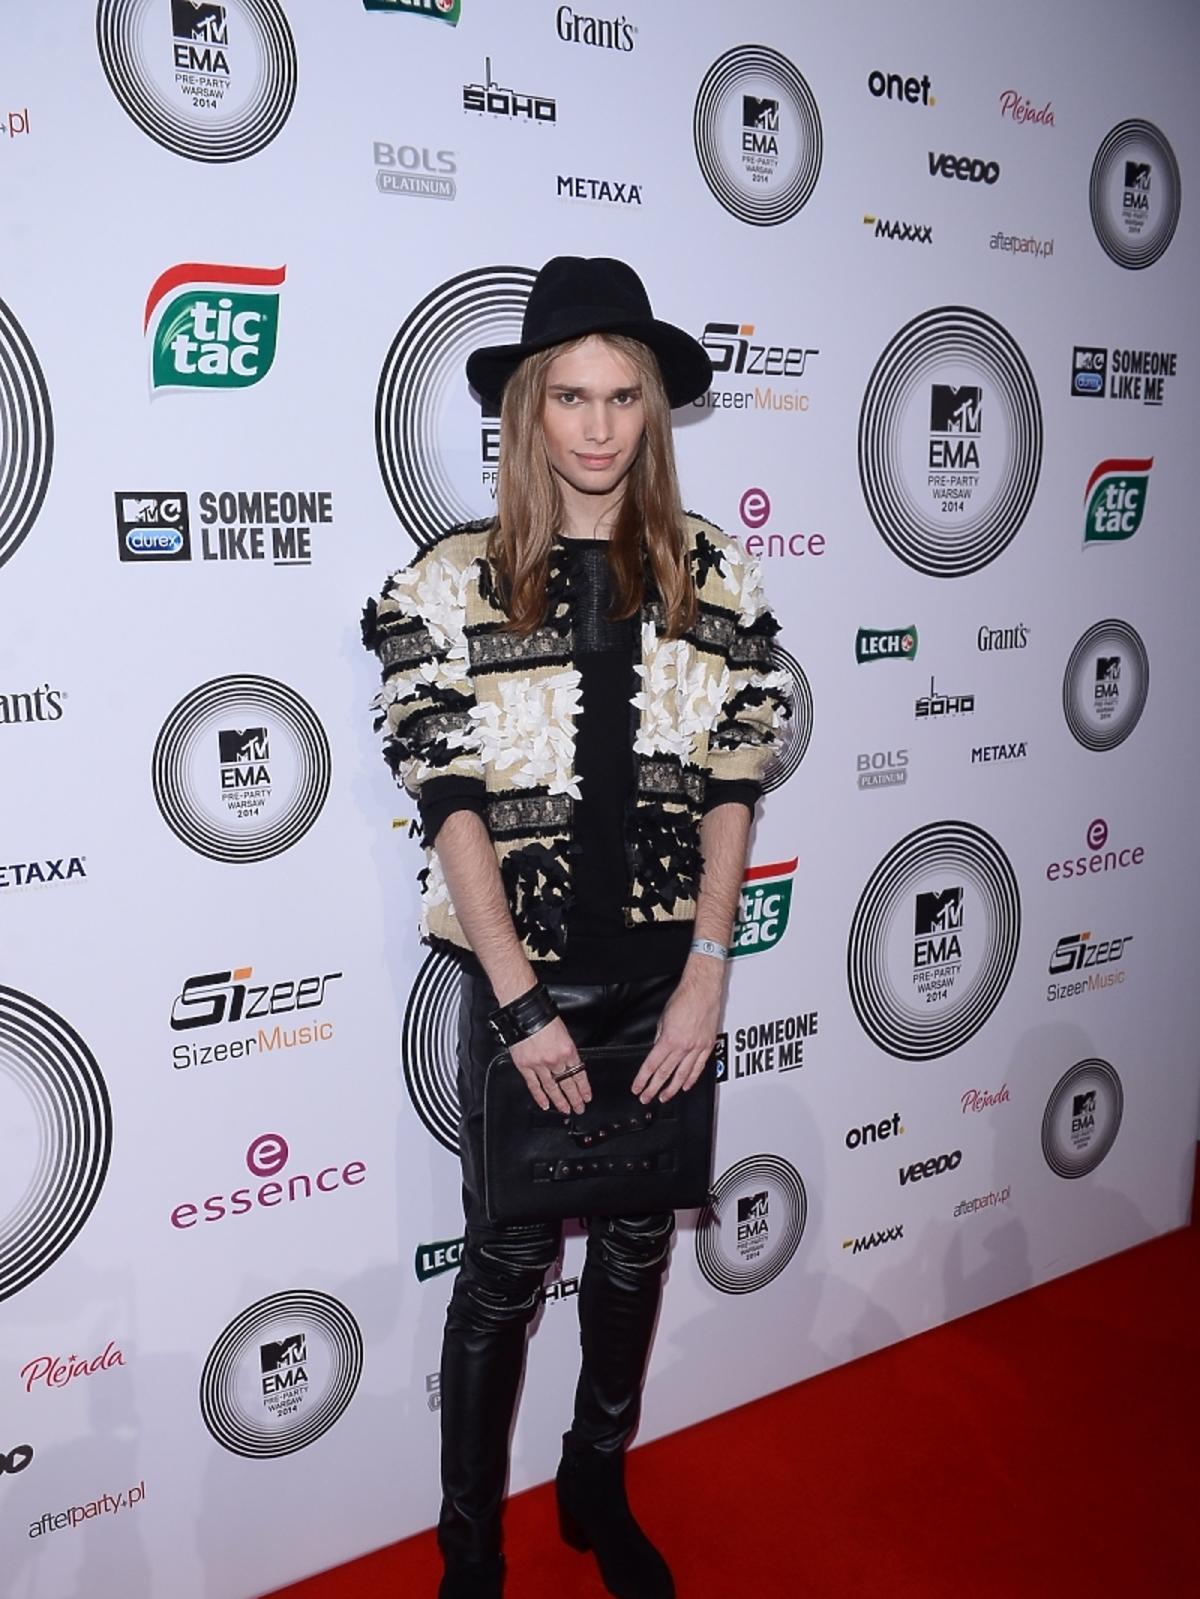 Mateusz Maga na MTV EMA Pre-Party 2014